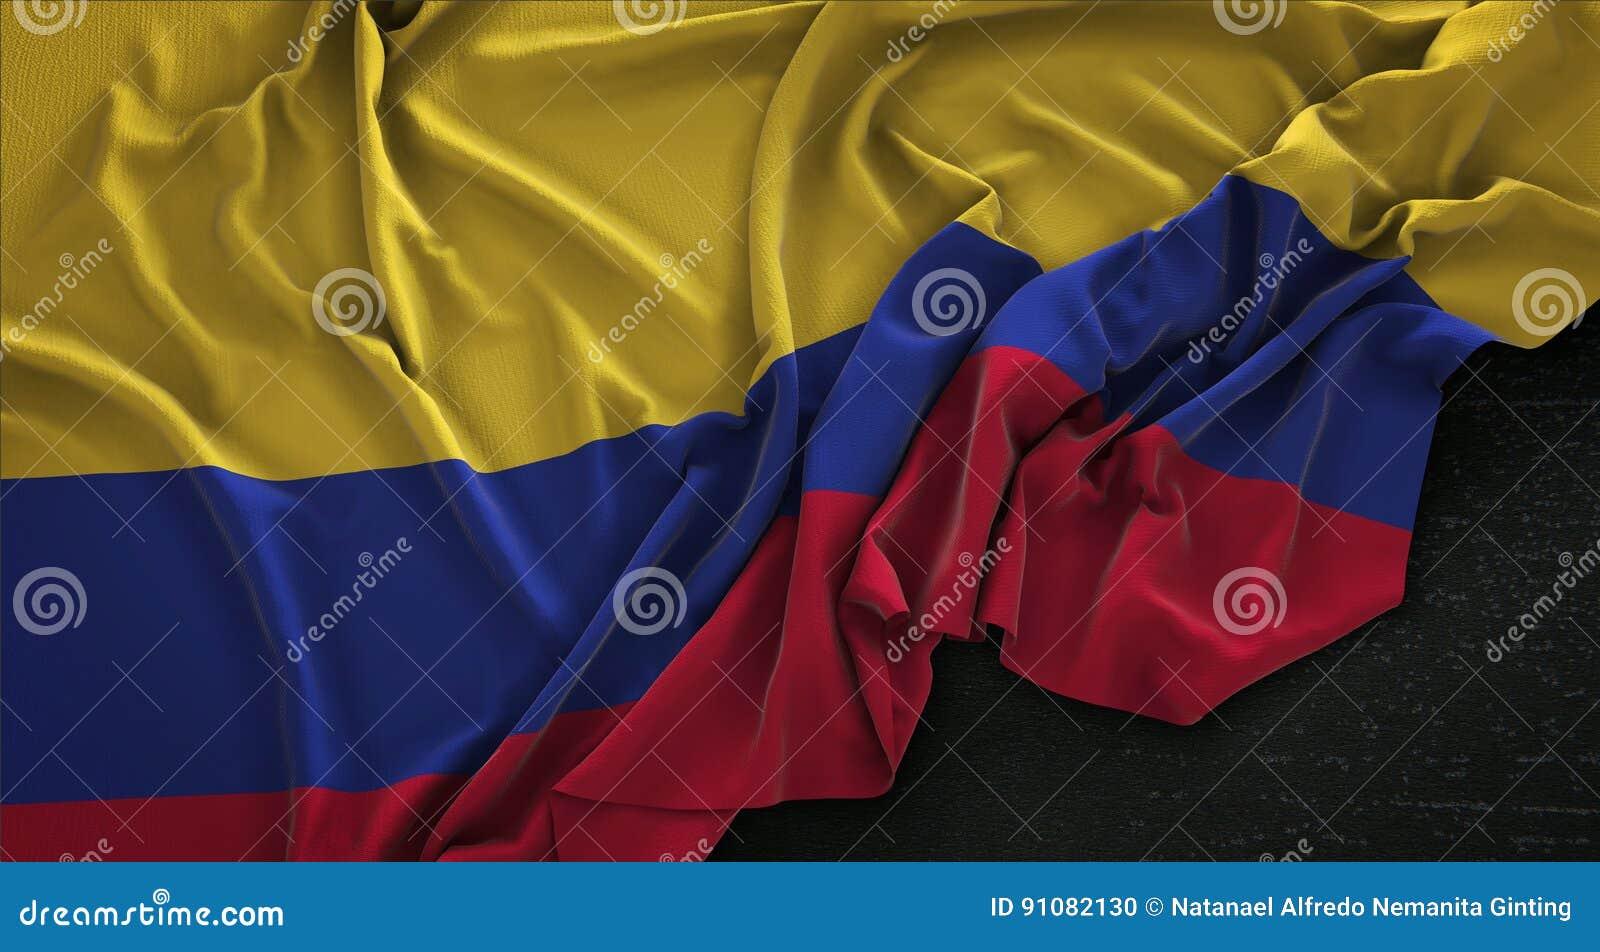 Η σημαία της Κολομβίας που ζαρώνεται στο σκοτεινό υπόβαθρο τρισδιάστατο δίνει